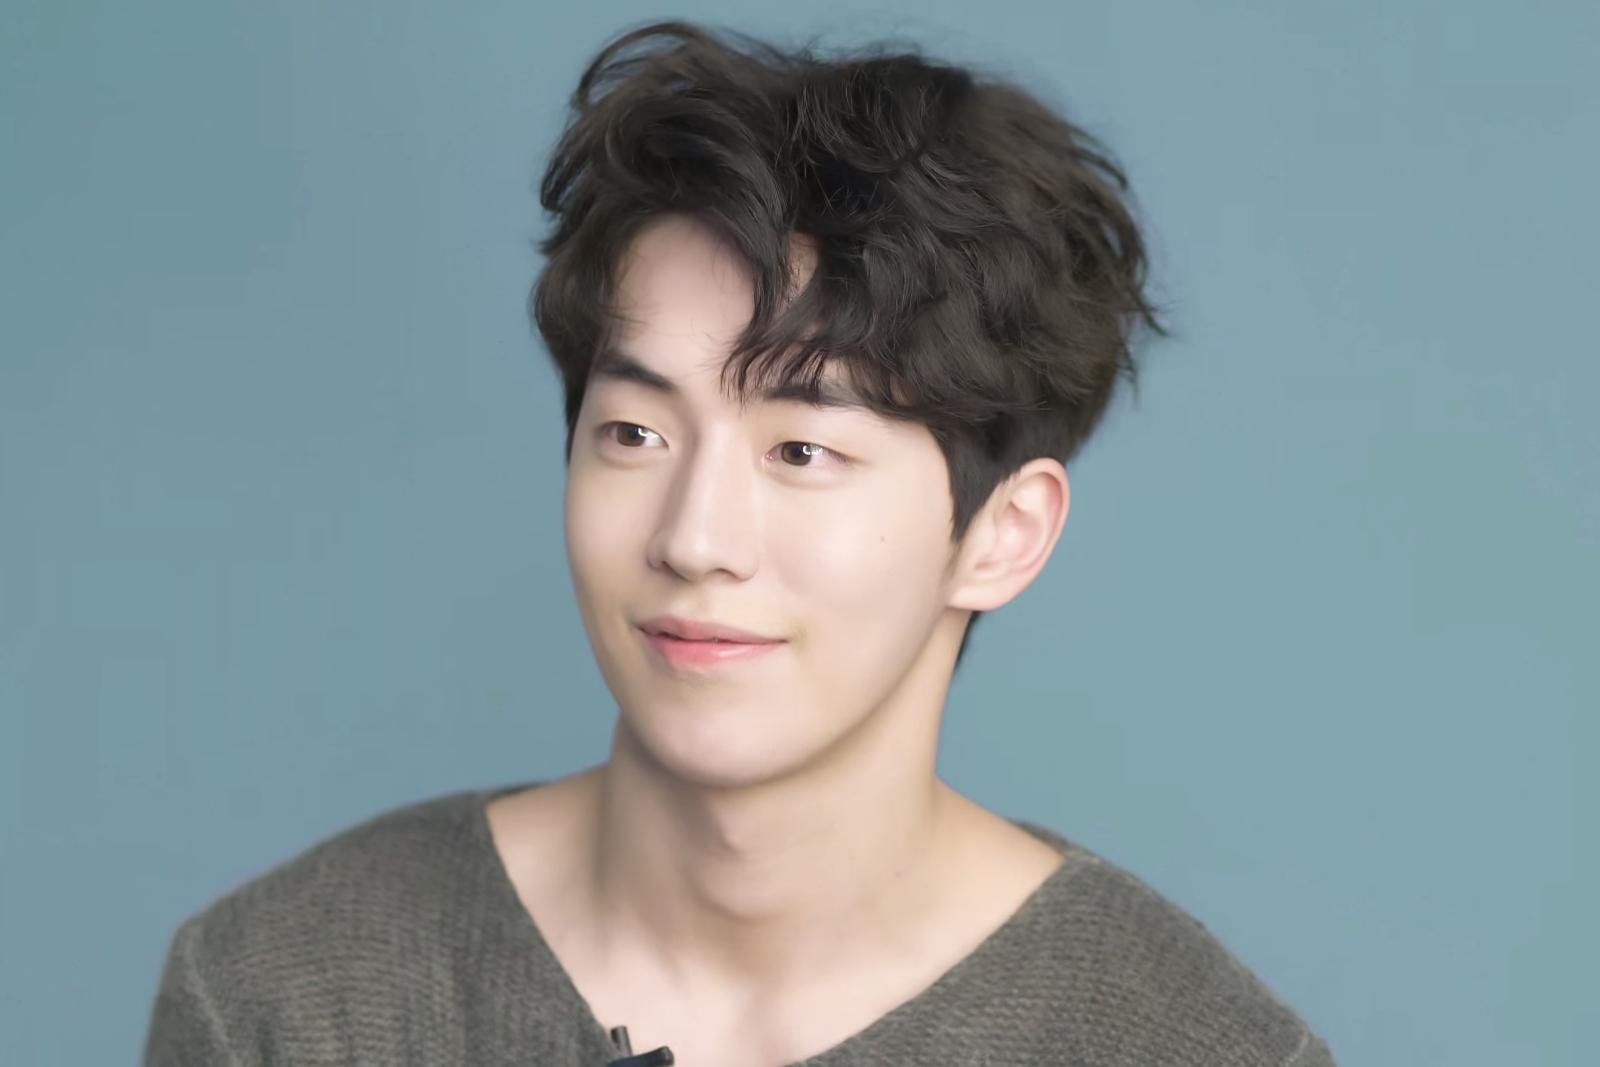 Joo drama nam hyuk Kbiz today: